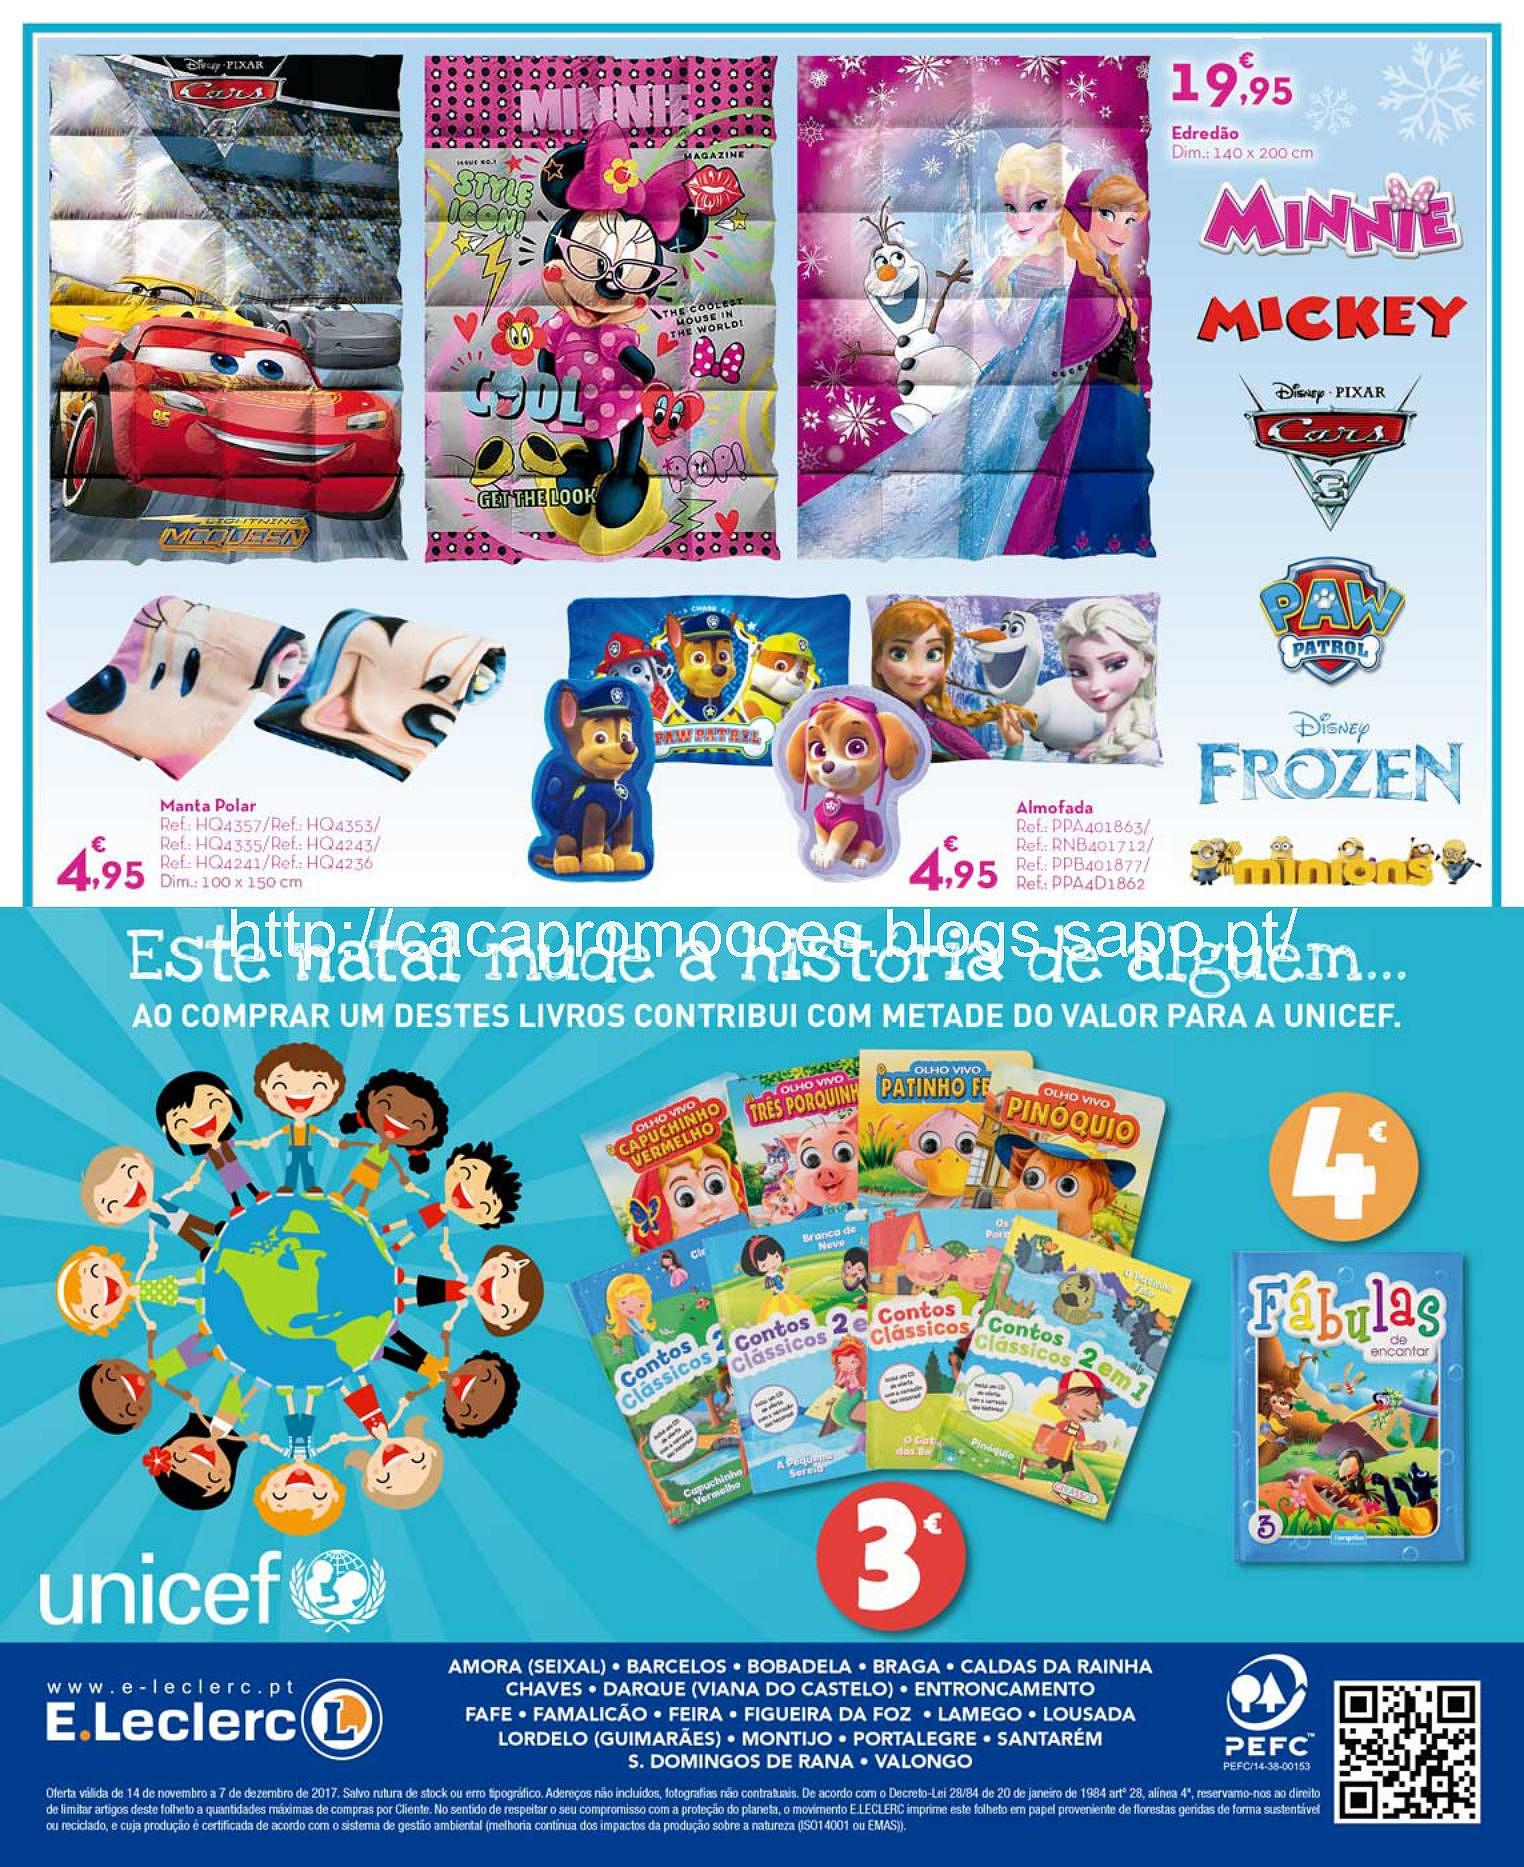 Eleclerc-Promoções-Folheto-Brinquedos-_Page57.jpg